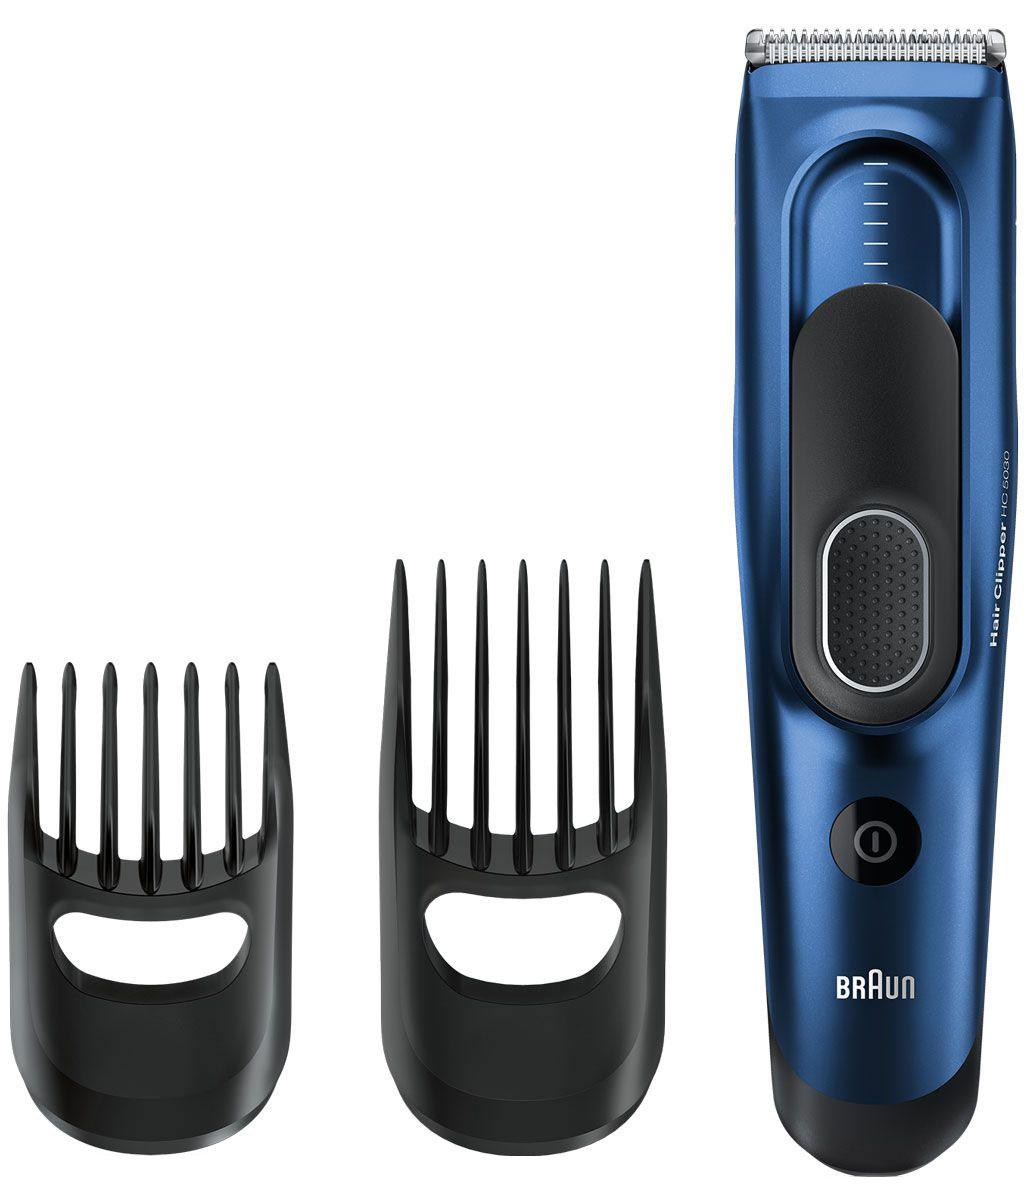 Braun HC 5030 машинка для стрижки волос81519167Машинка для стрижки волос Braun HC 5030 с 17 настройками длины позволяет создать любой образ и стрижку. Два регулируемых направляющих гребня позволяют создать прическу твоей мечты. Малый гребень охватывает длину от 3 до 24 мм, большой — от 14 до 35 мм. Разработана для работы в беспроводном или проводном режиме: Машинка для стрижки волос Braun работает от двойного аккумулятора. Два Ni-MH аккумулятора полностью заряжаются за 8 часов, гарантируя 40 минут беспроводной работы. Для обеспечения непрерывной работы просто подключи ее к питанию. Запоминает настройки нужной длины - для идеальных результатов в любое время: Умная функция Memory SafetyLock запоминает и записывает последние использованные настройки длины даже после удаления насадки. Надежный захват для точного управления: Прорезиненная зона захвата для комфортного и надежного использования. Сверхострые лезвия для точной стрижки: Лезвия машинок для...